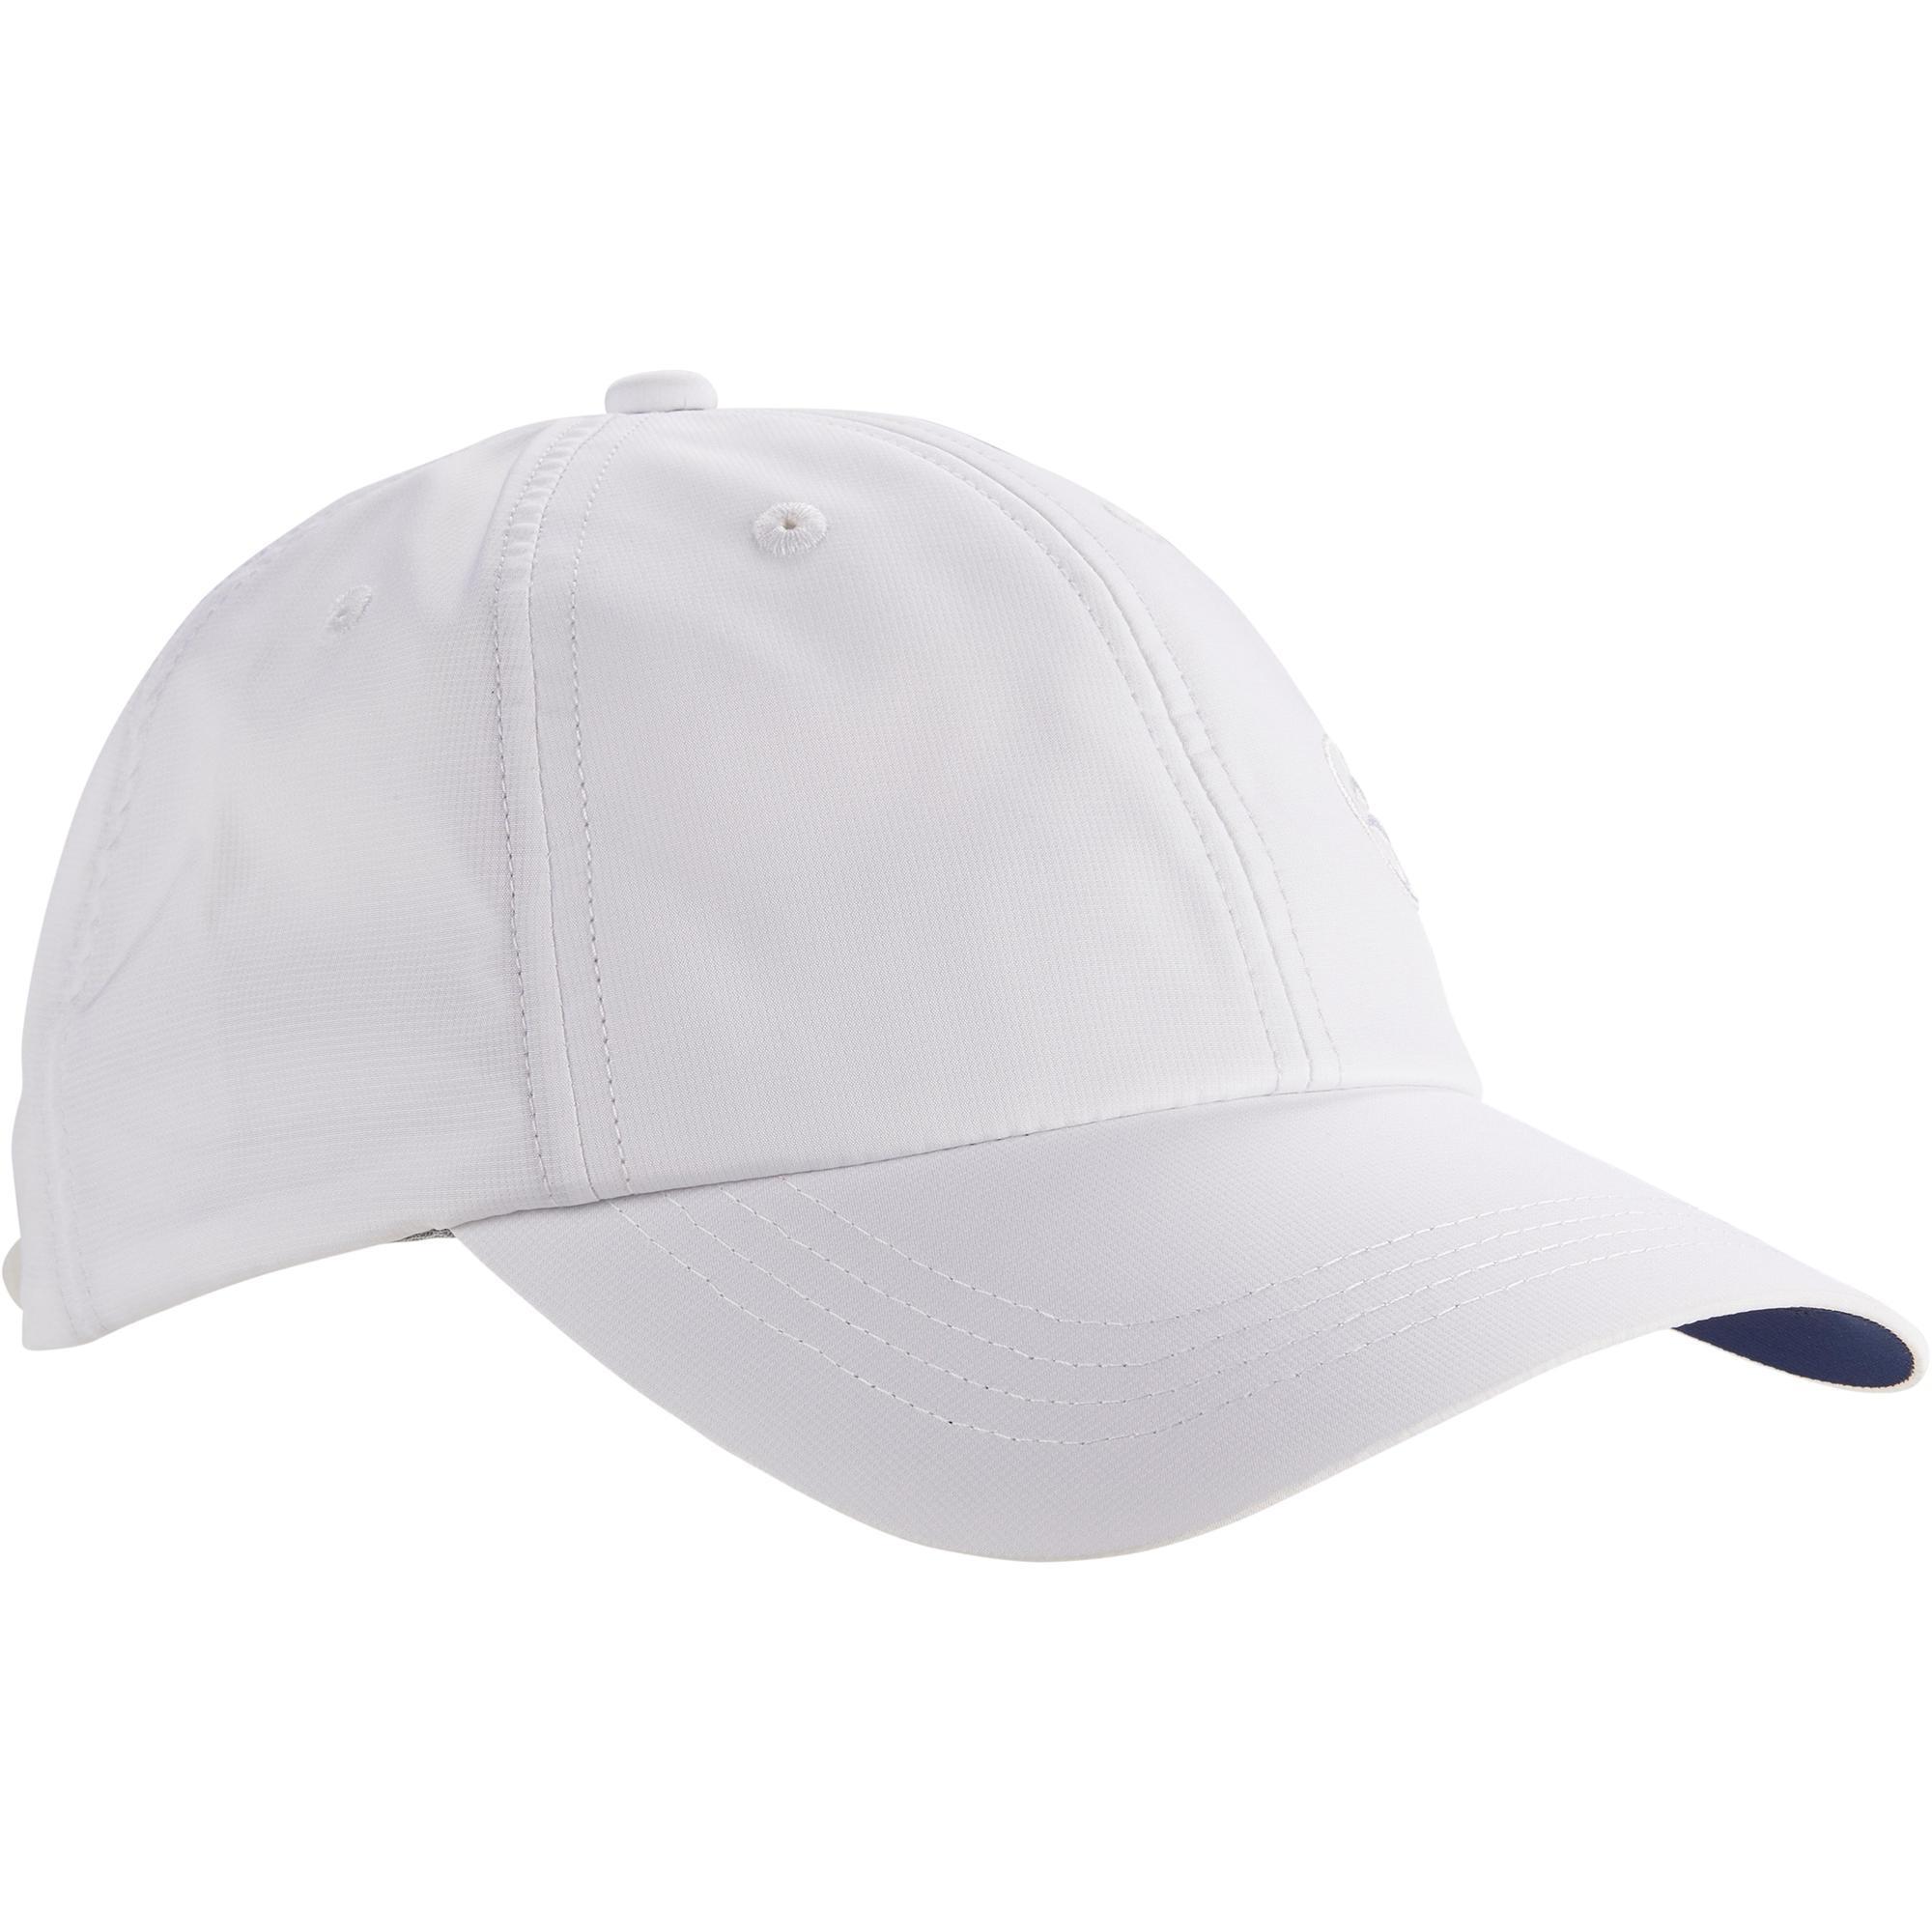 meilleur site web nouveau concept produits de qualité Casquette golf adulte blanche